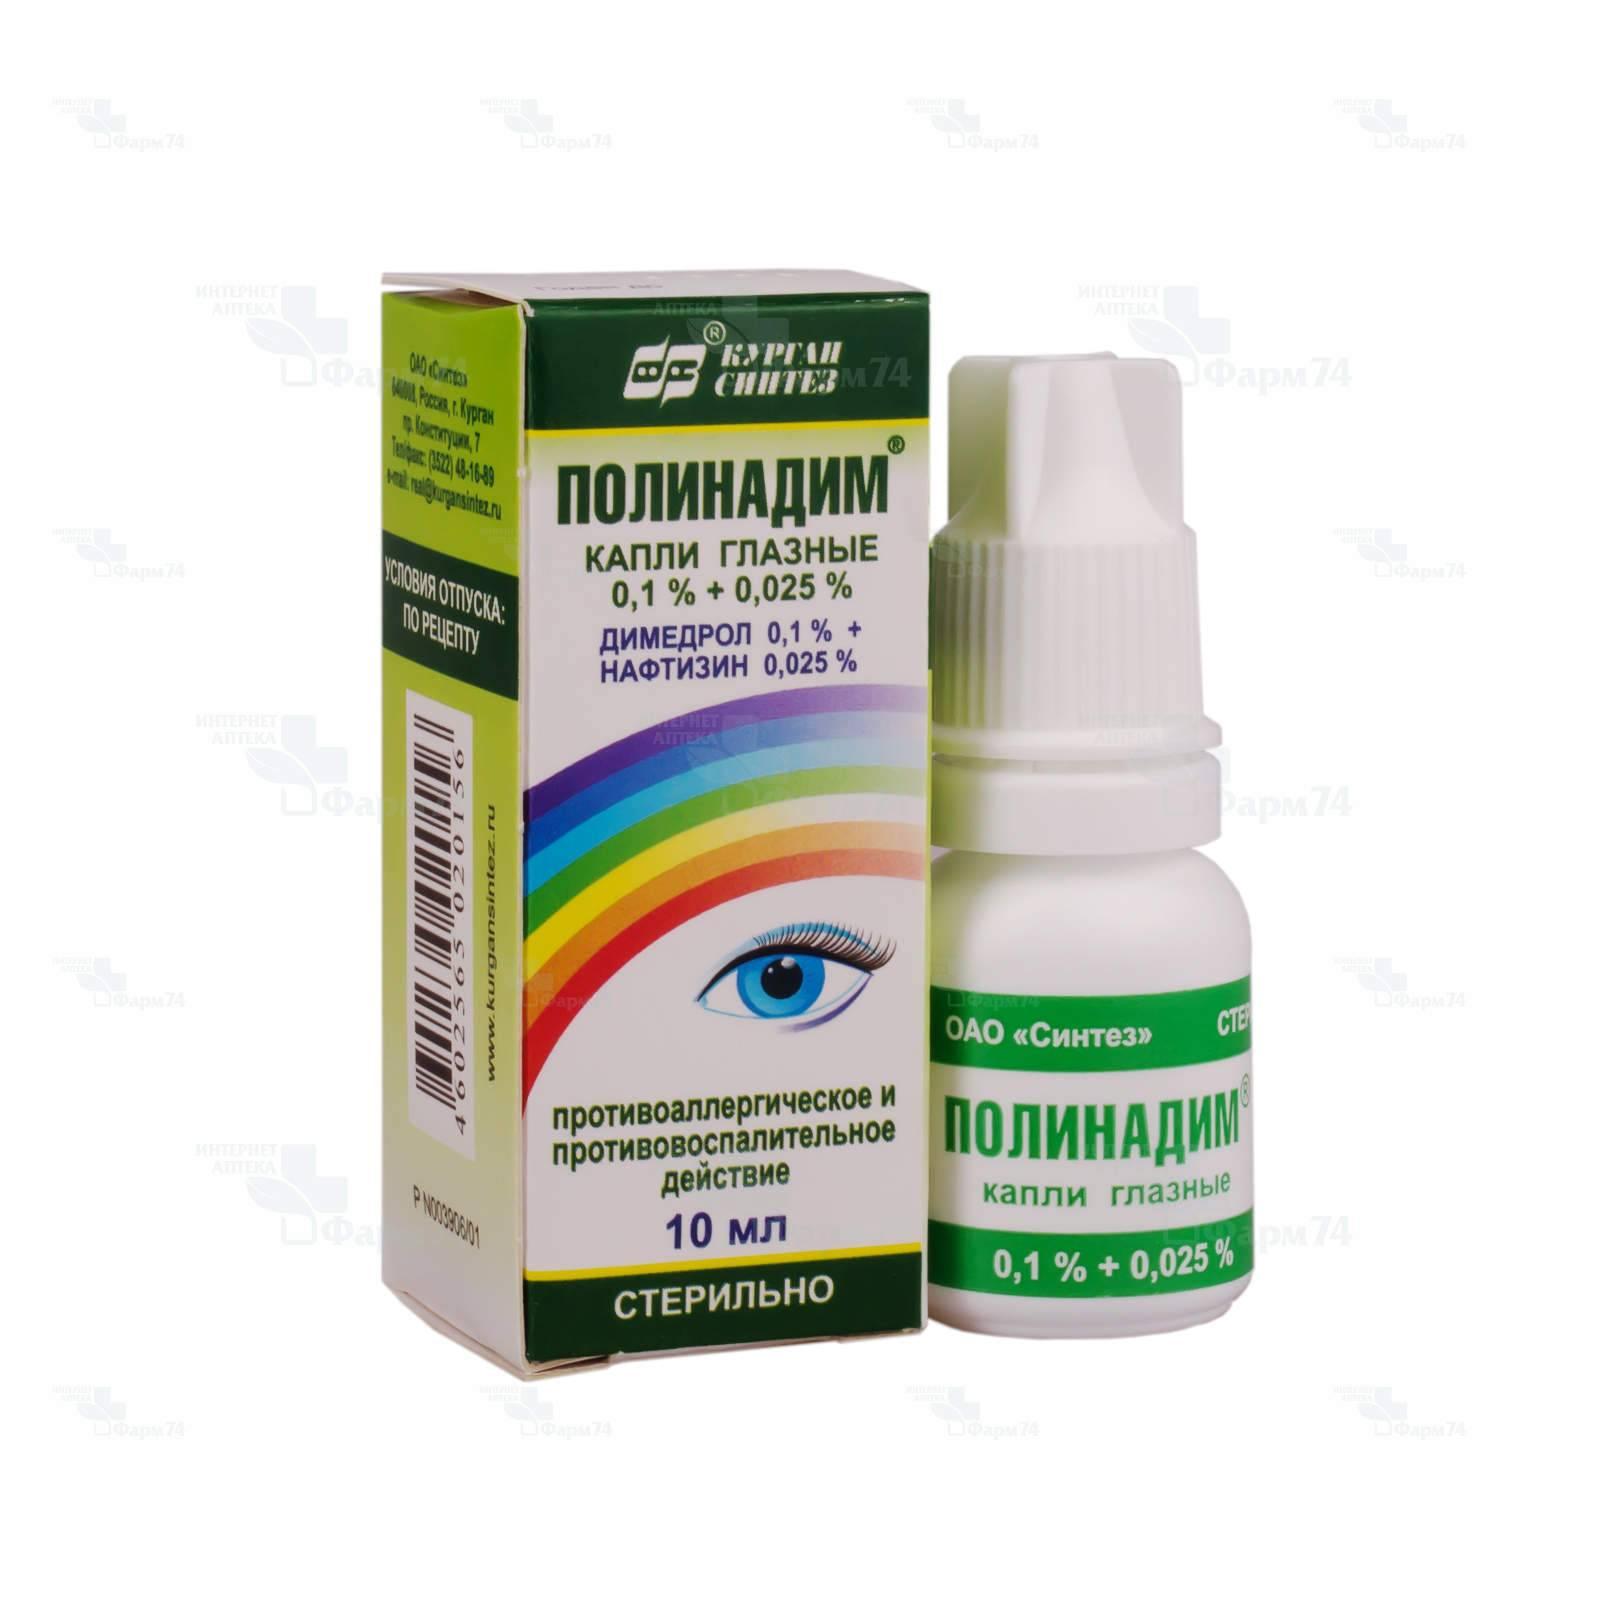 Капли для глаз полинадим